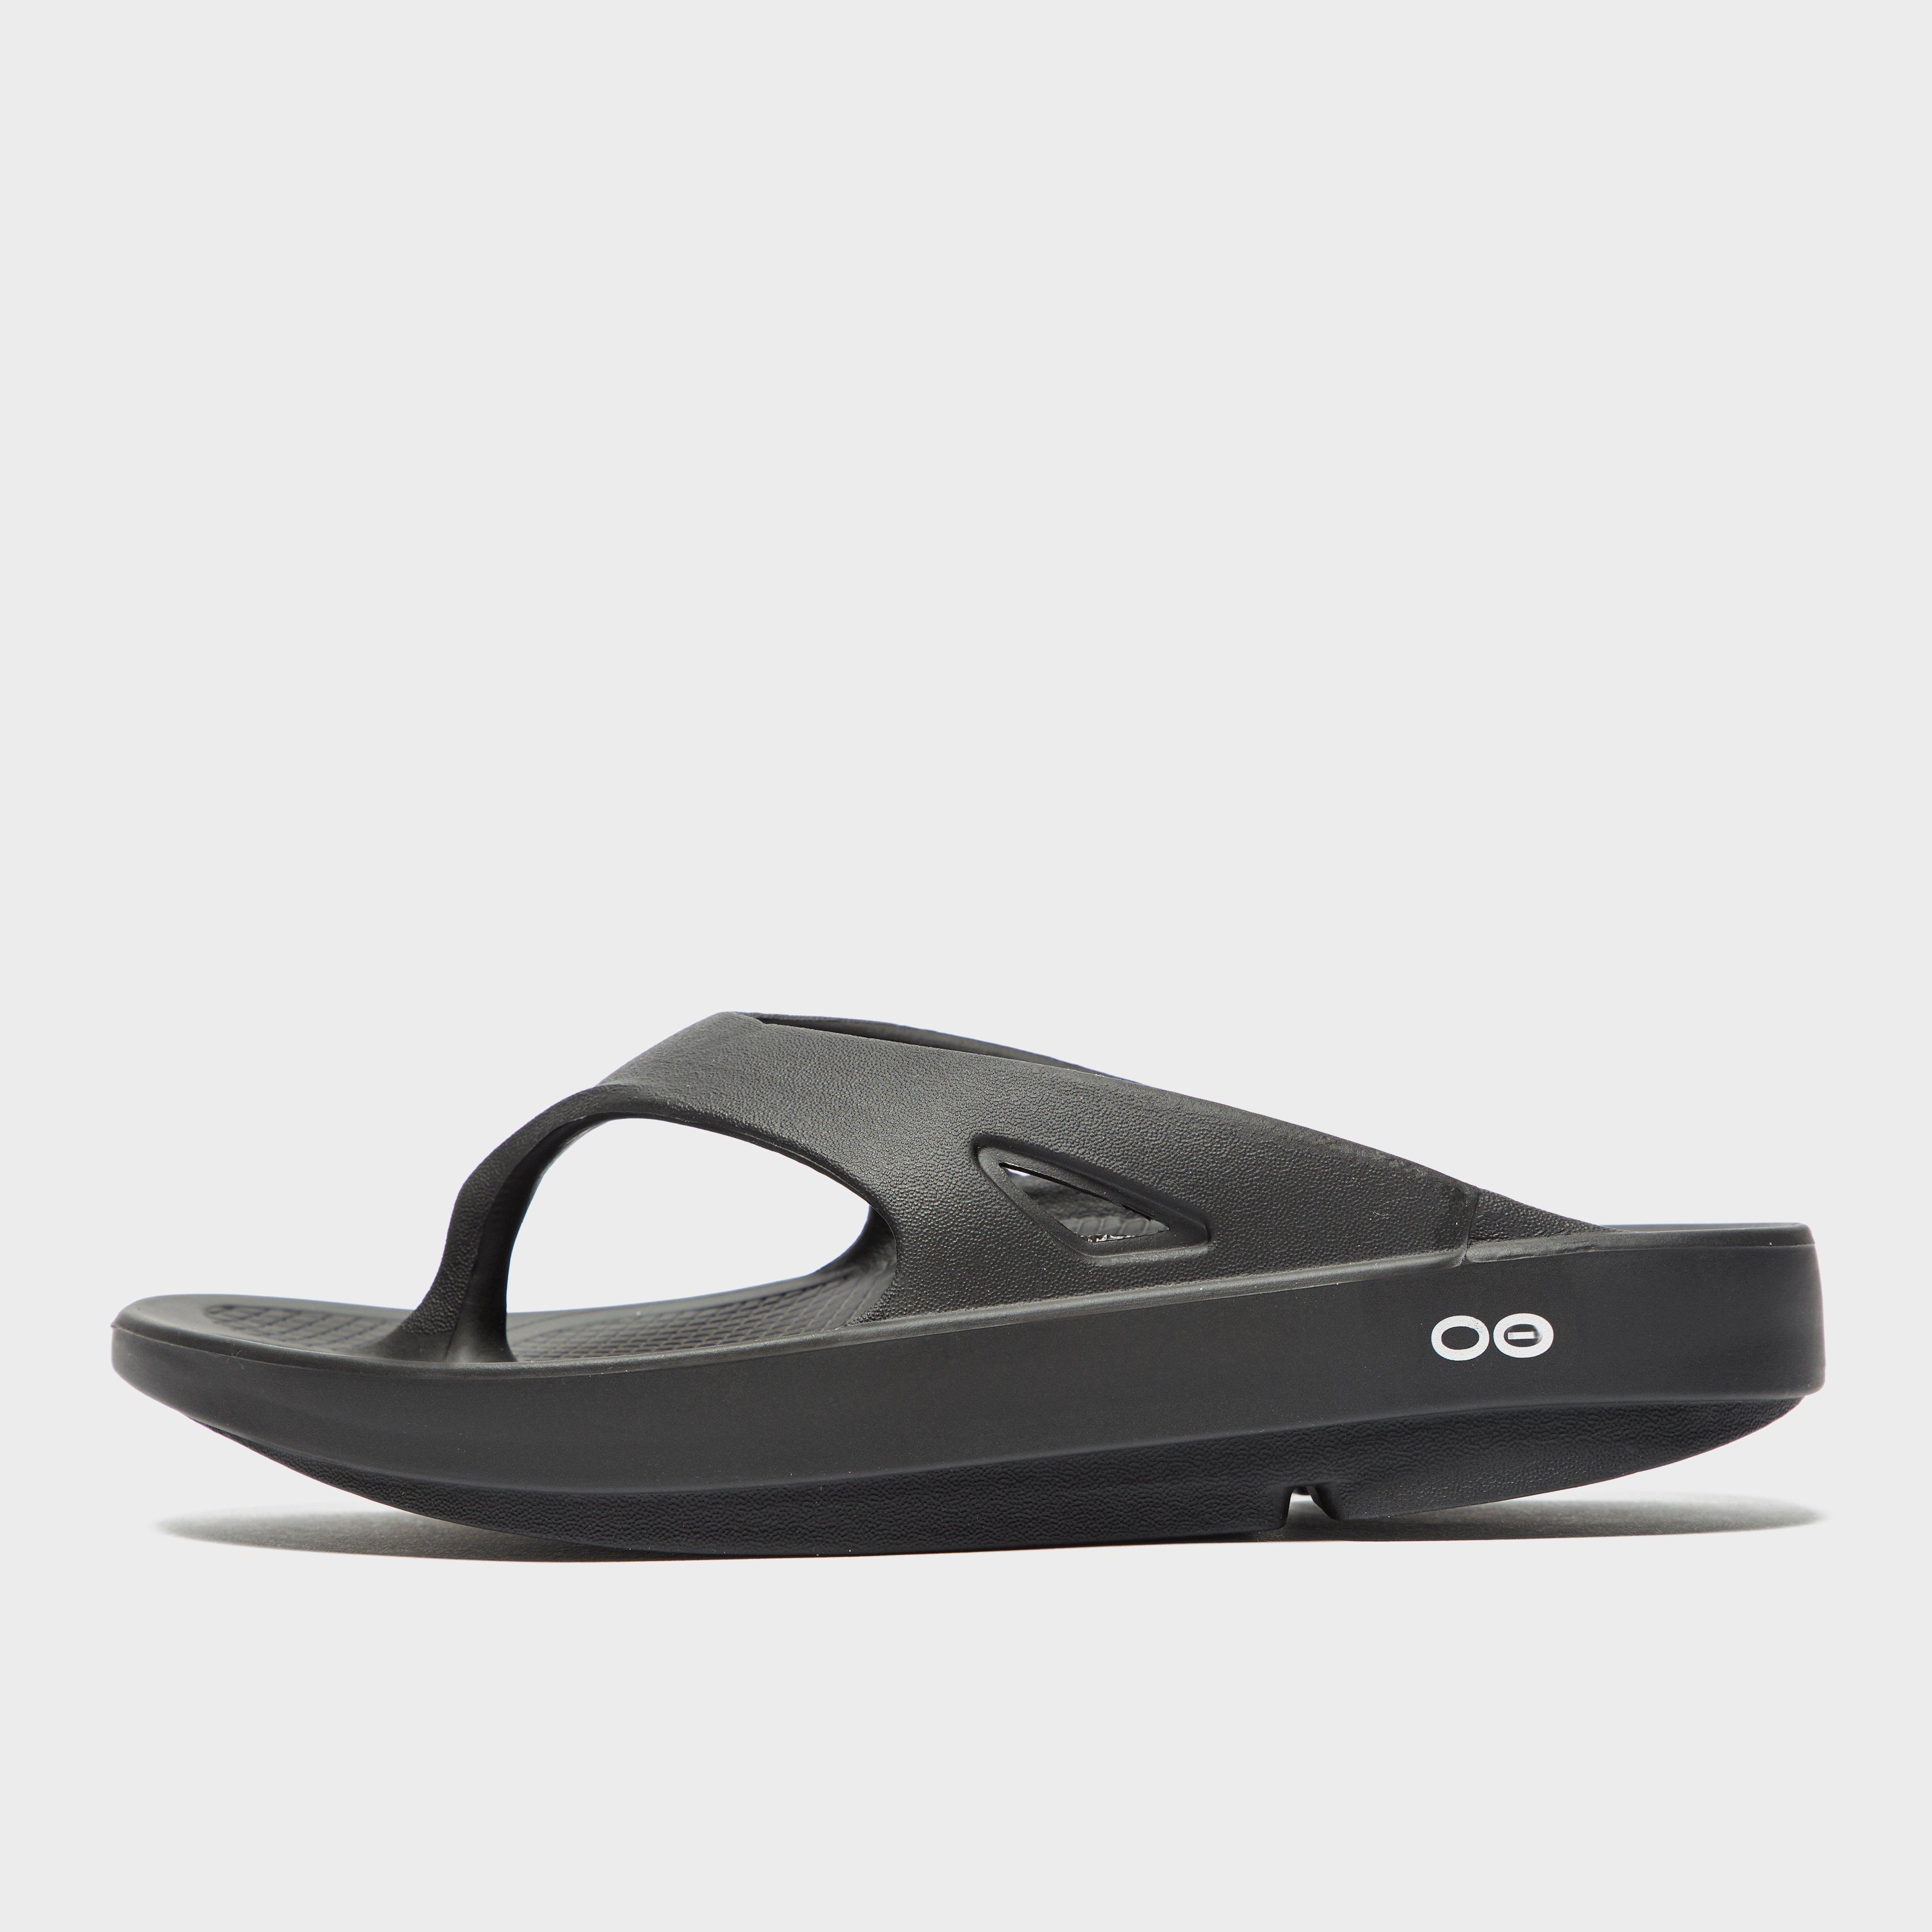 Oofos Oofos Womens OOriginal Flip Flops - Black, Black